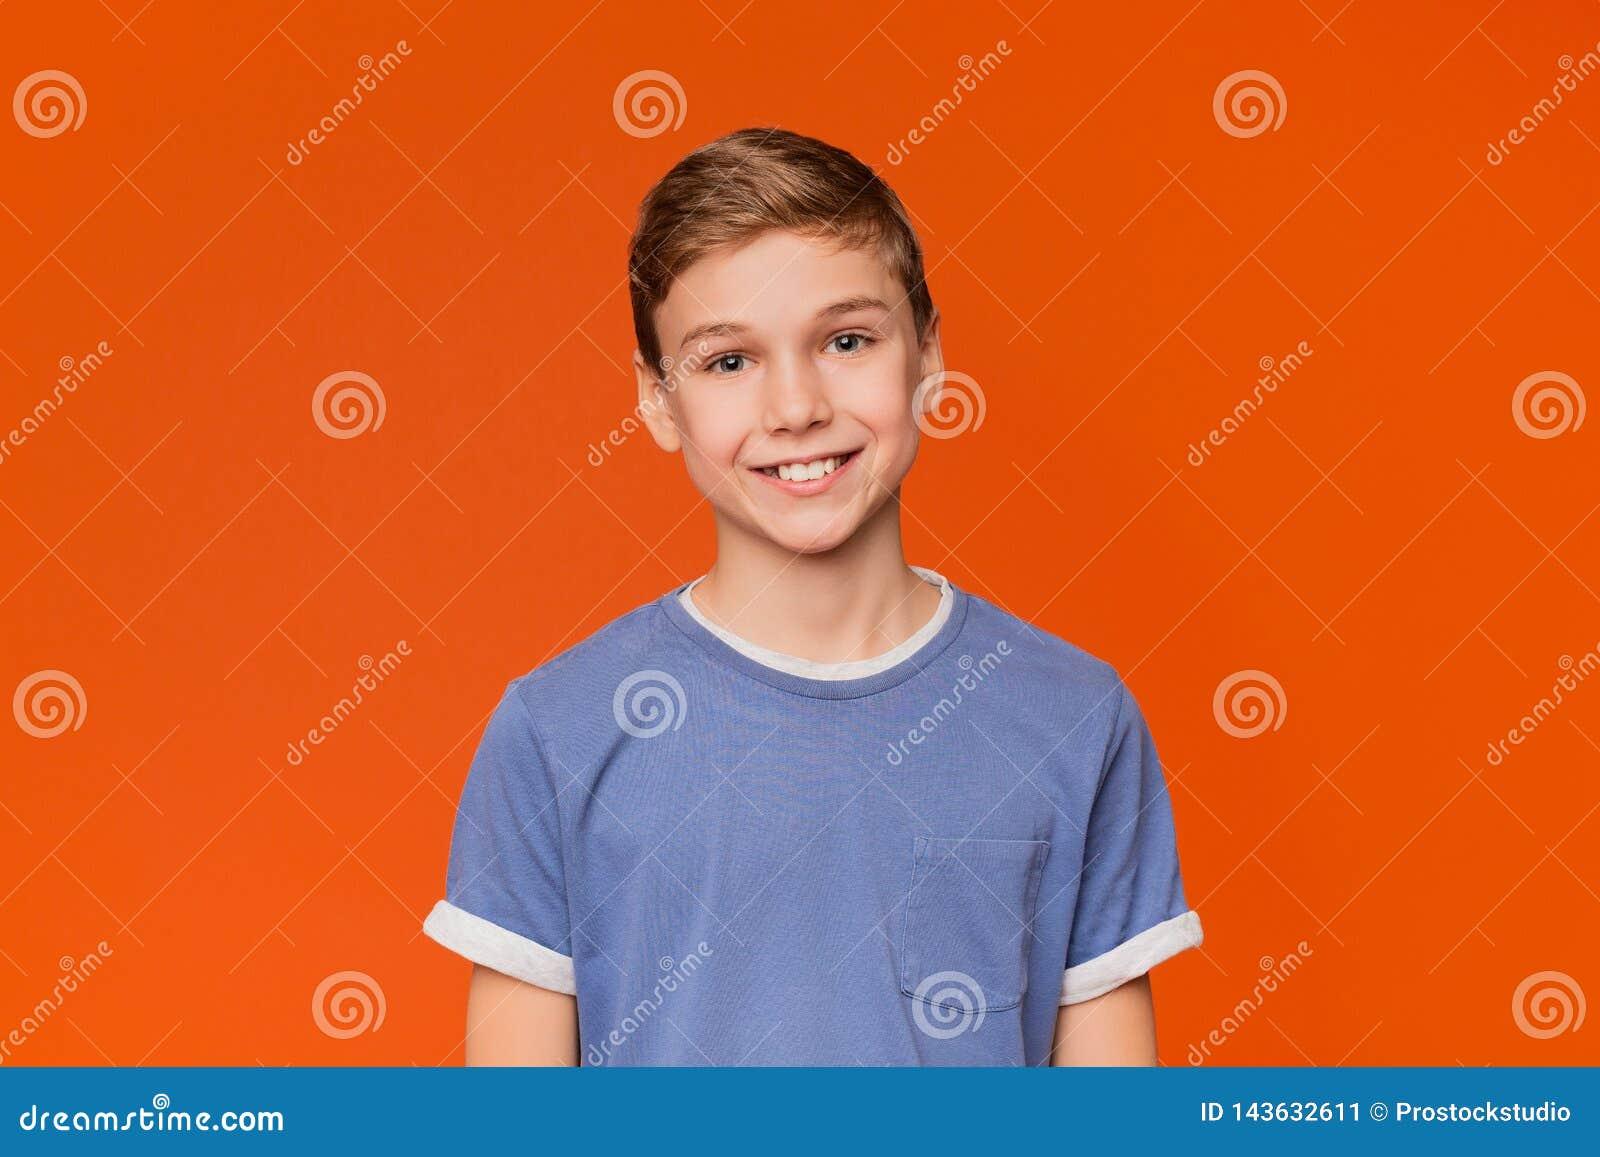 Portret młoda chłopiec na pomarańczowym tle